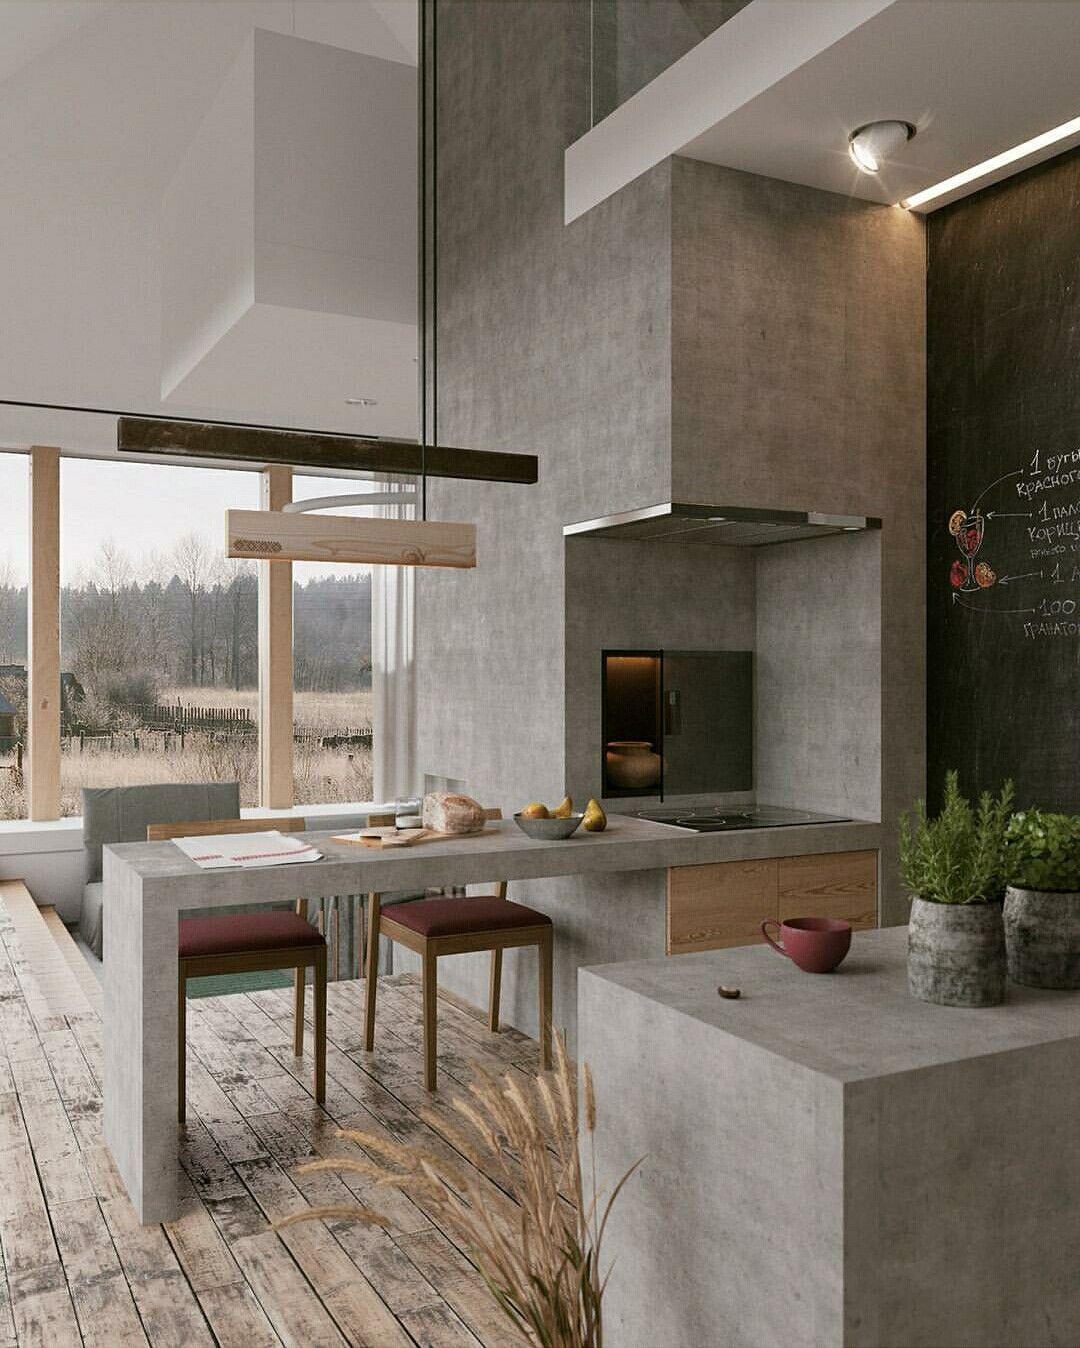 arquitetura_urbanismo | For the Home | Pinterest | Betondesign ...